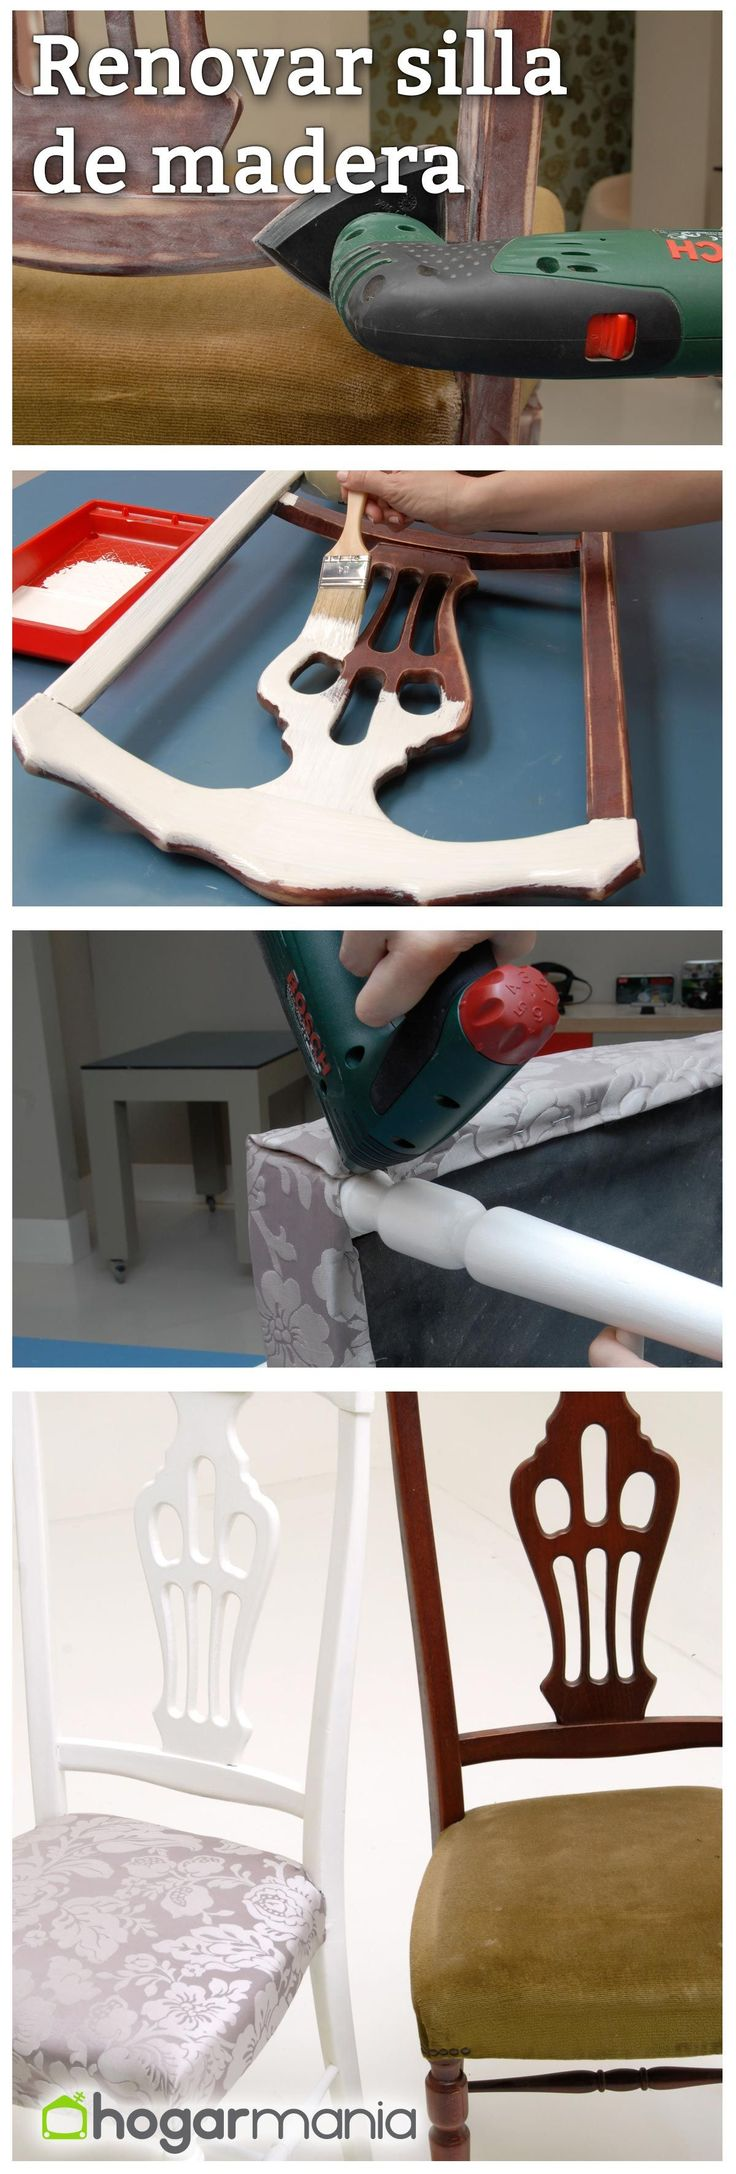 Renovar una silla de madera #decoracion #decoration #silla #diy